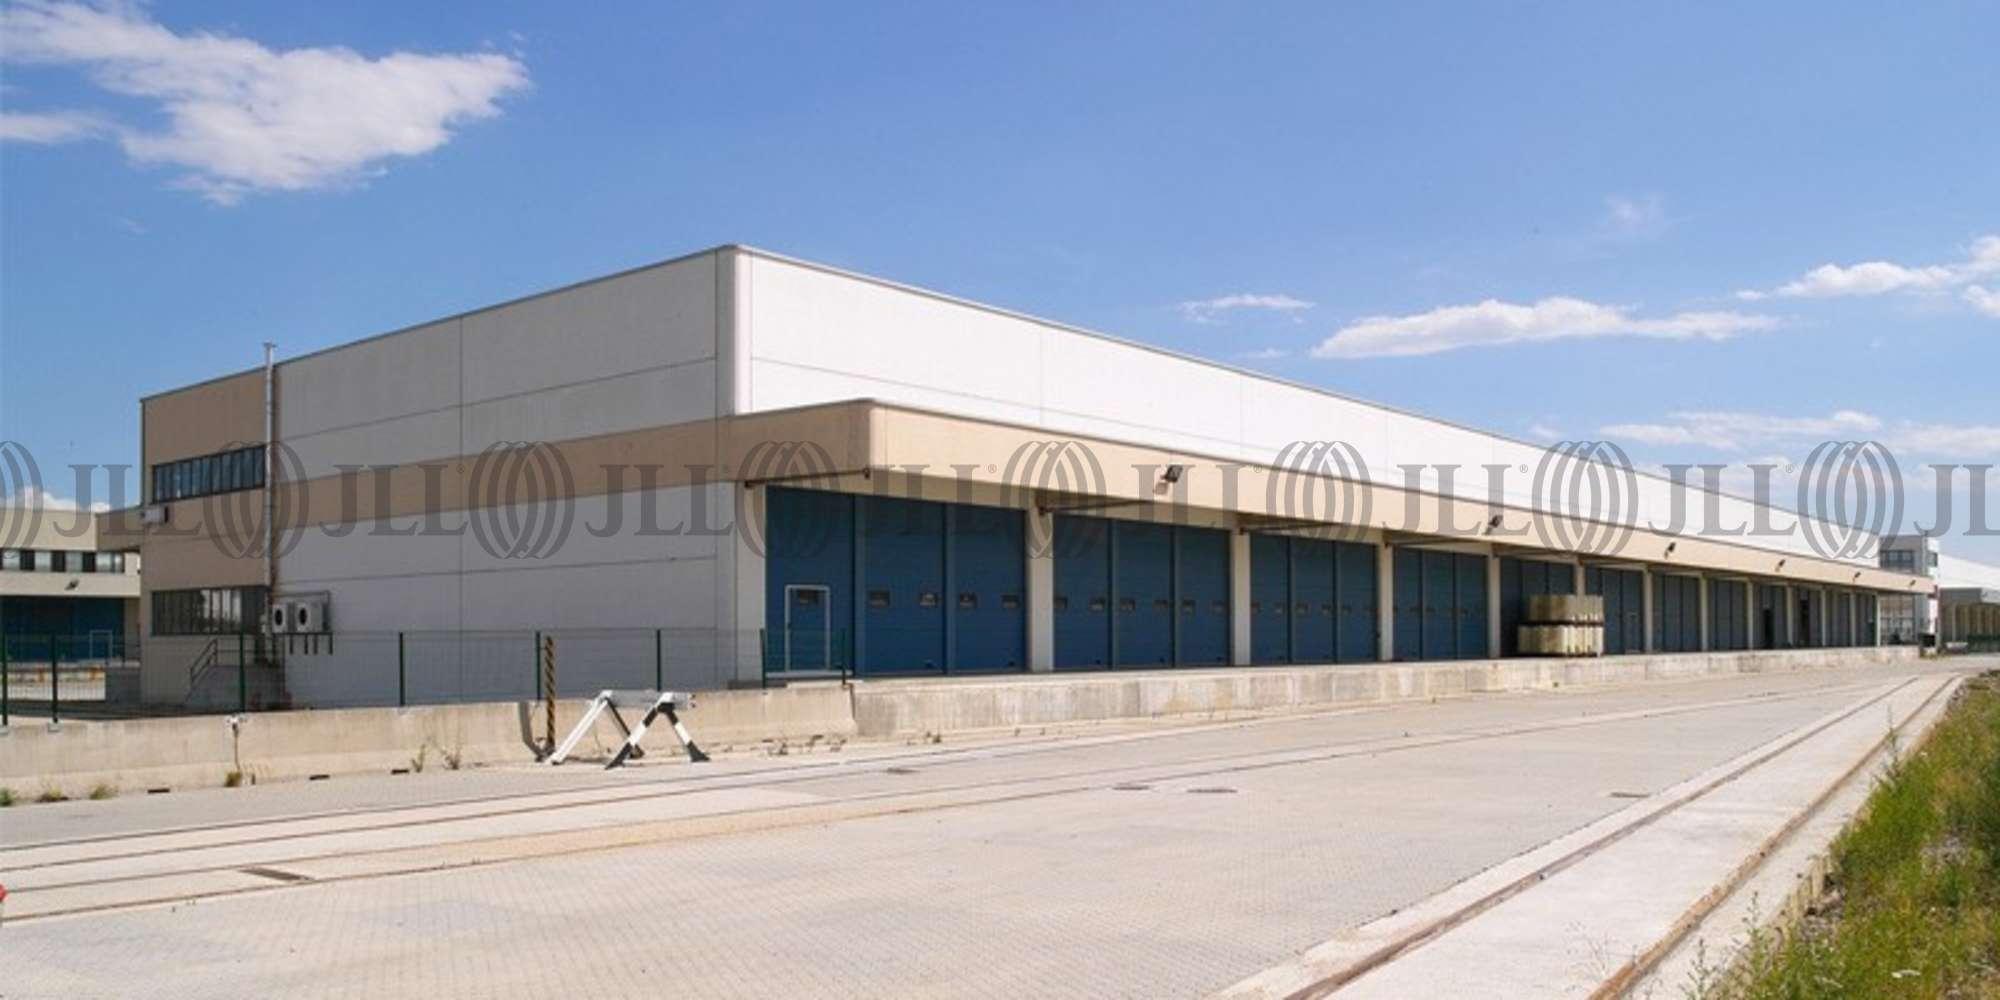 Magazzini industriali e logistici Grisignano di zocco, 36040 - Grisignano - Vicenza